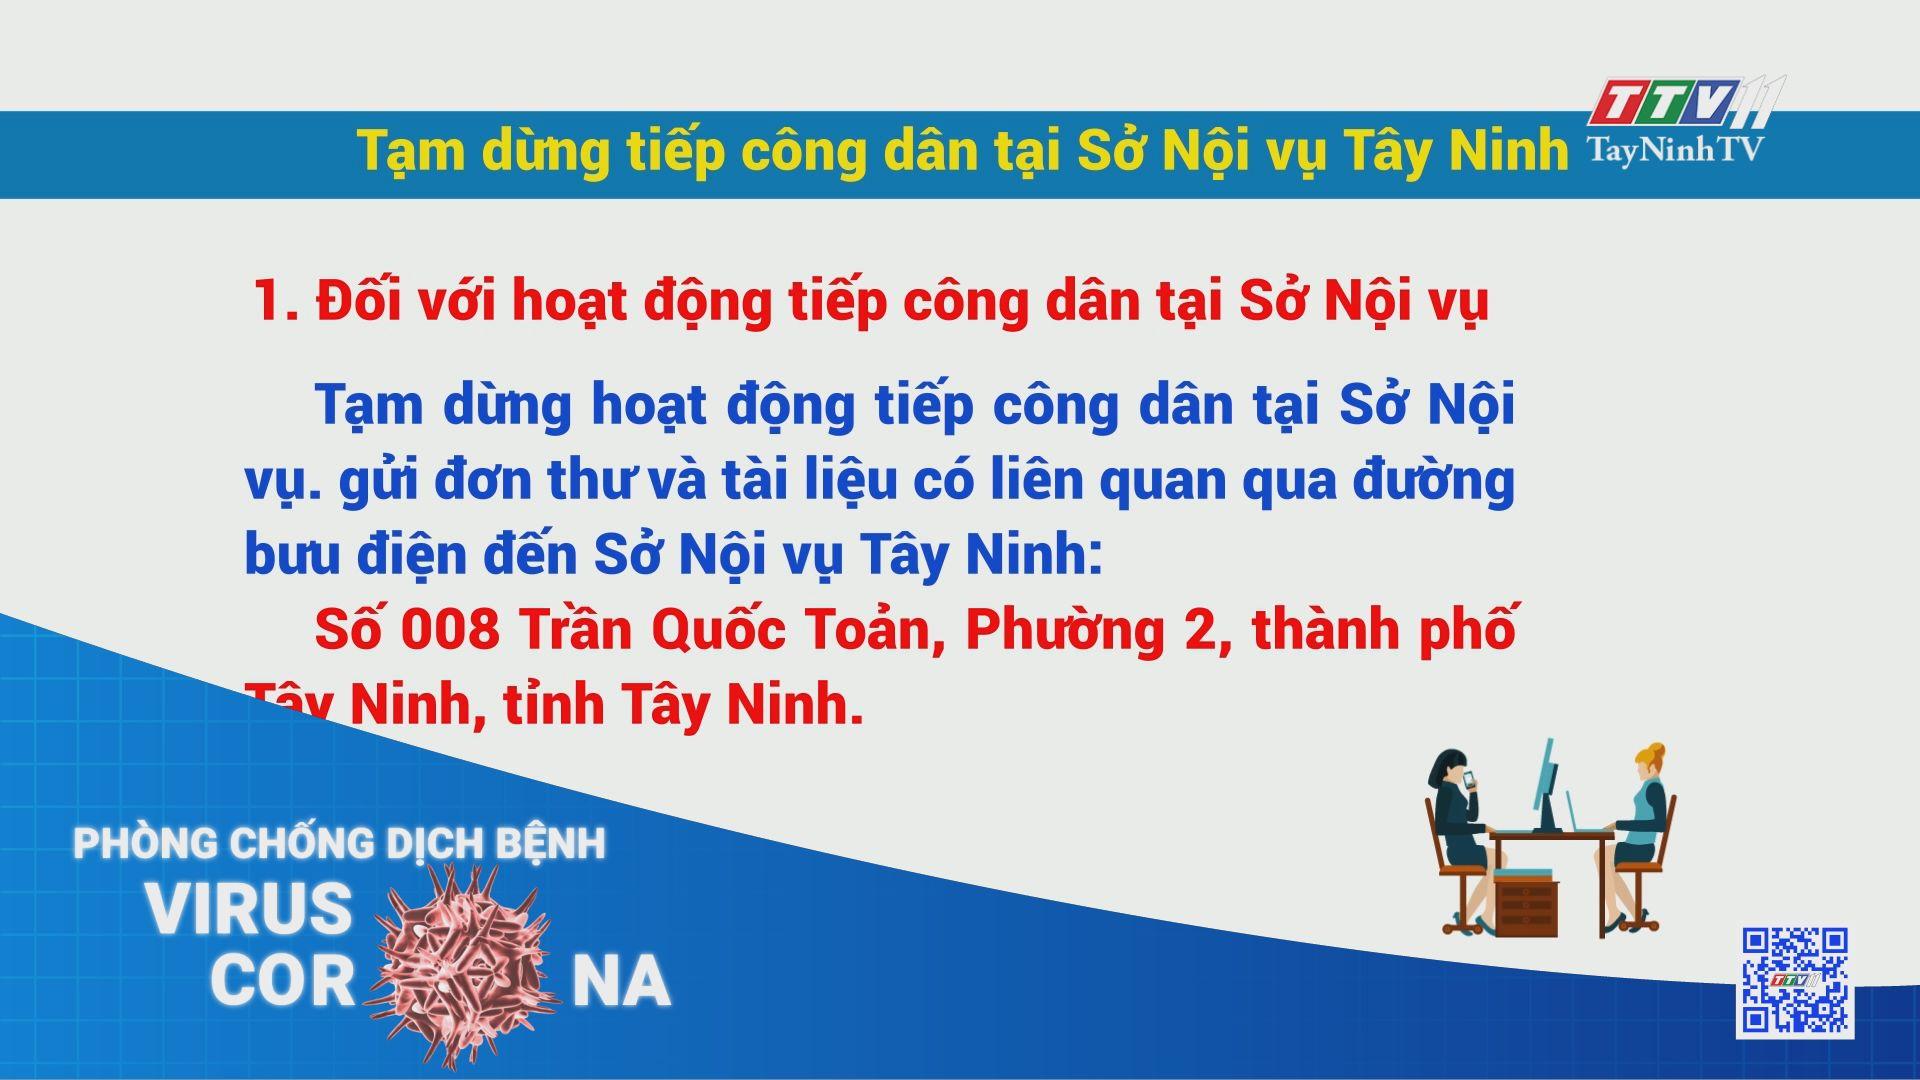 Tạm dừng tiếp công dân tại Sở Nội vụ Tây Ninh   THÔNG TIN DỊCH COVID-19   TayNinhTV